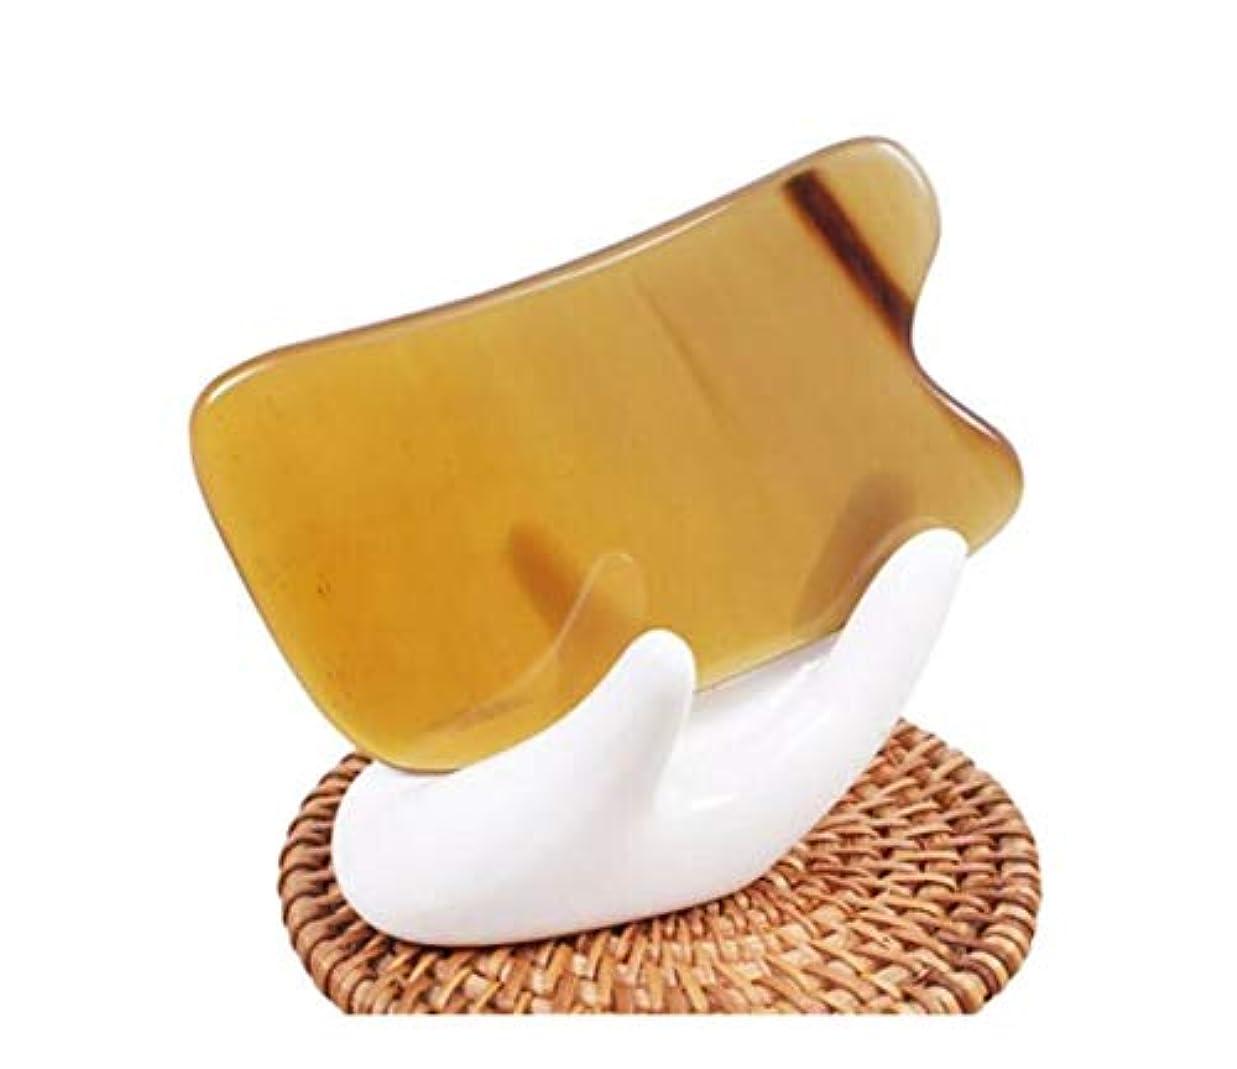 祝福する独立してワインHongyushanghang スクラッチマッサージツール、ホーンスクレイピングボード?フェイシャル目のシェービング ,繊細な感じ (Color : Yellow, Size : 9.5*6cm)